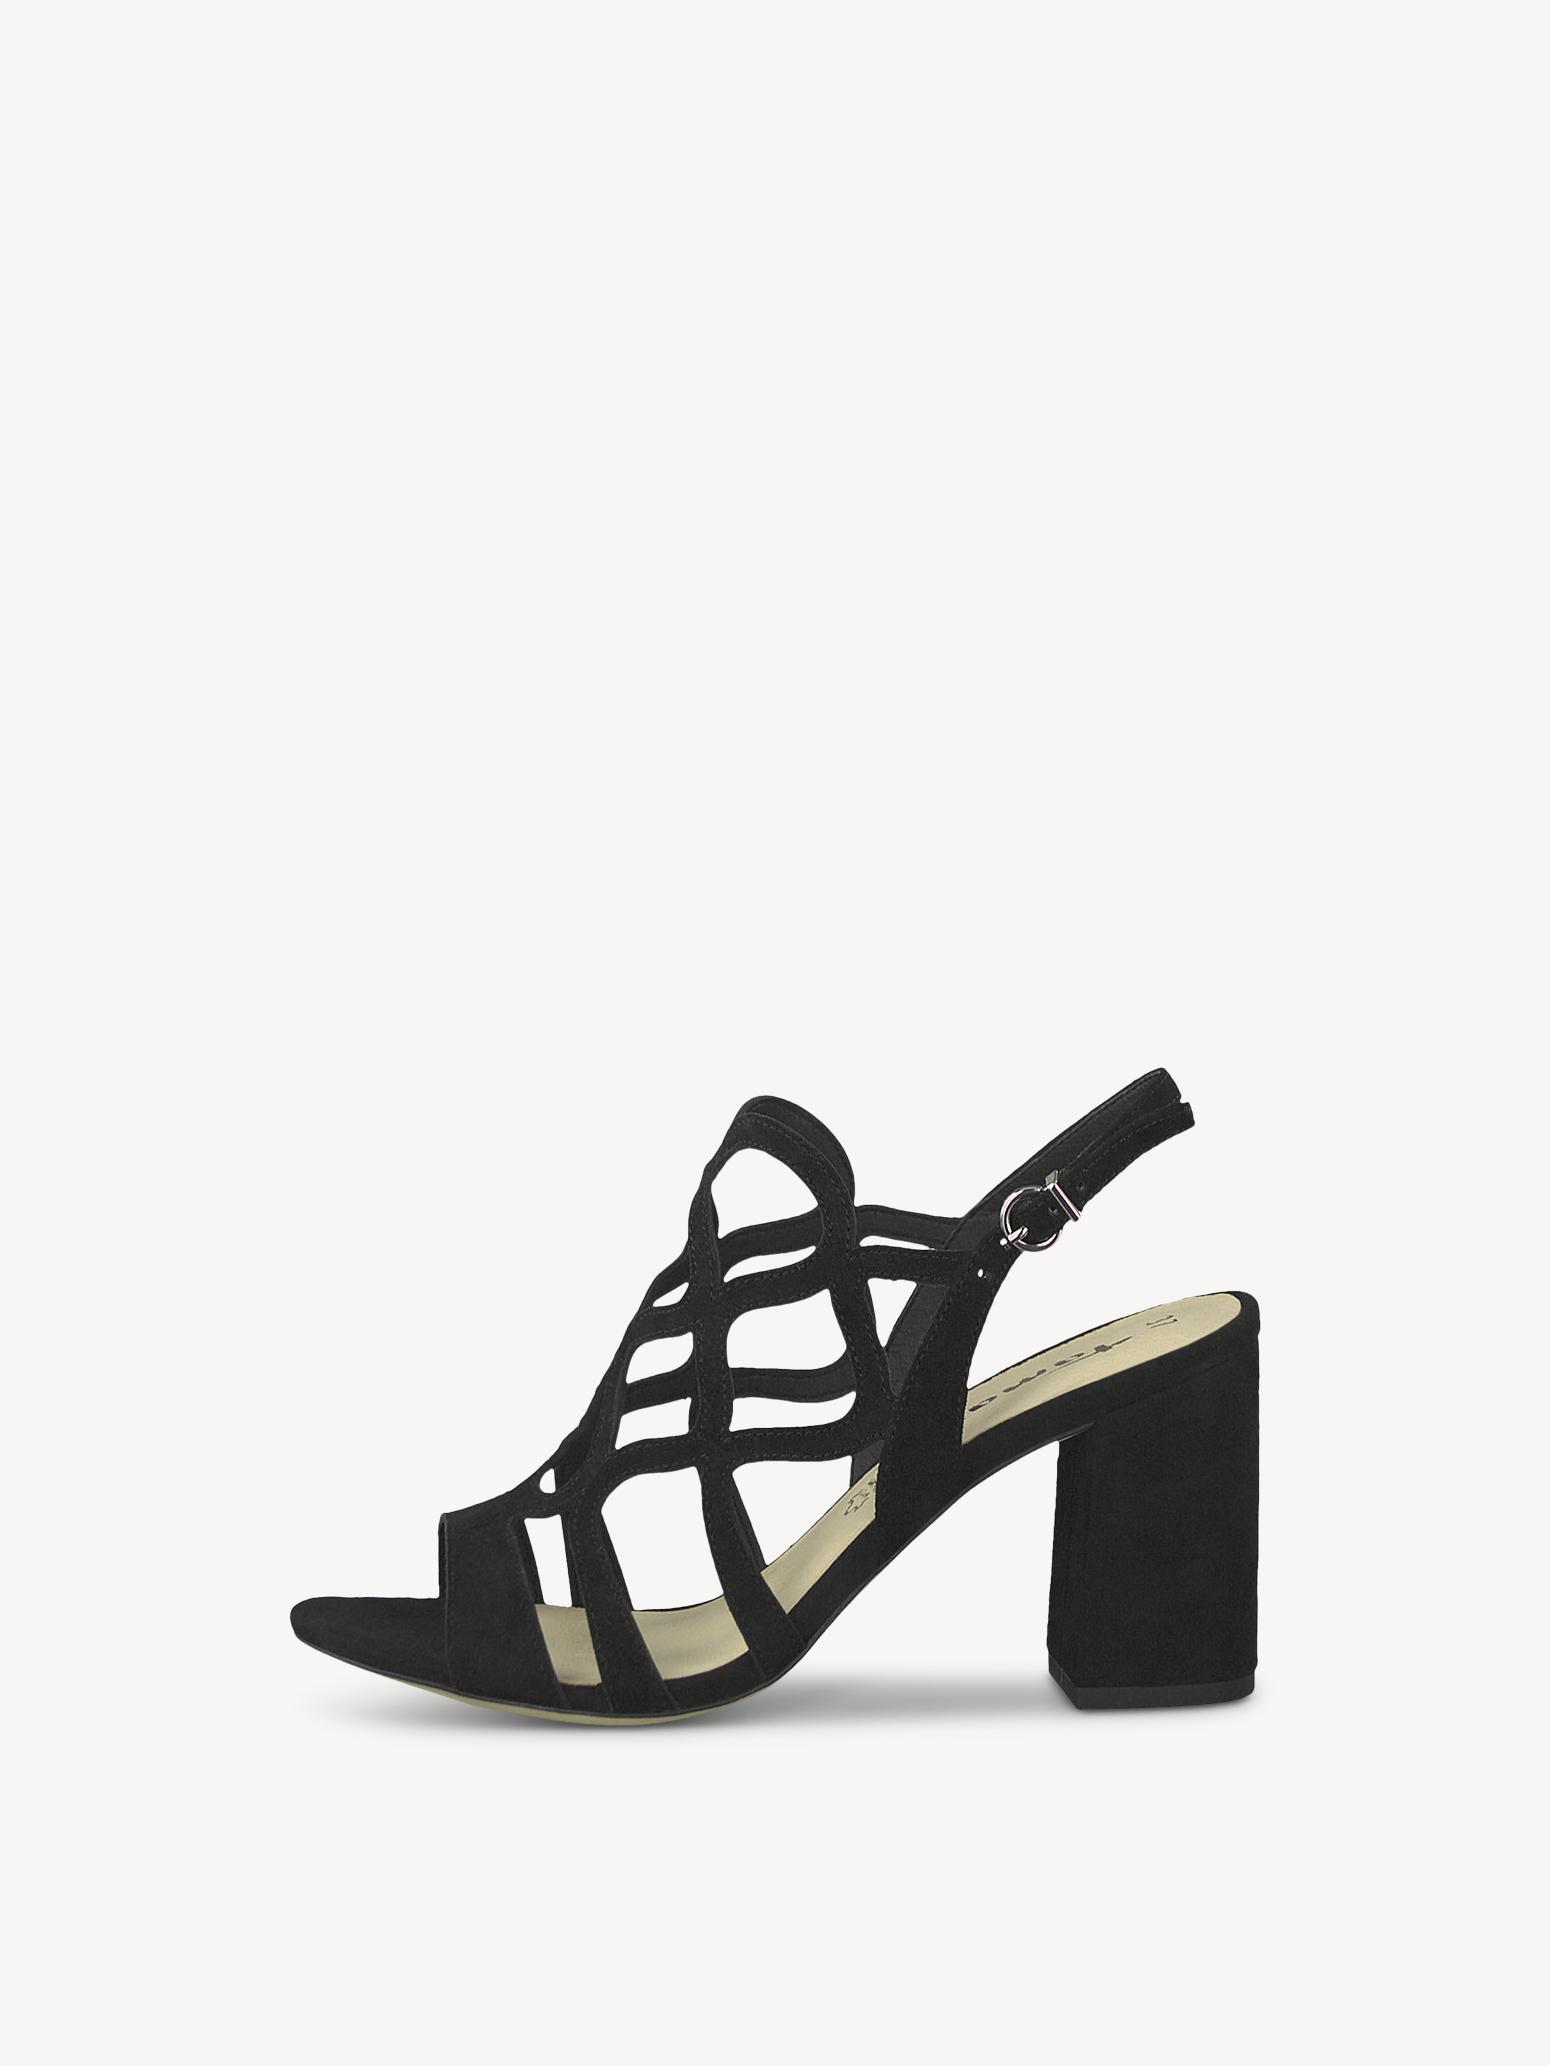 vraiment à l'aise chaussures exclusives large choix de designs Sandale à talon